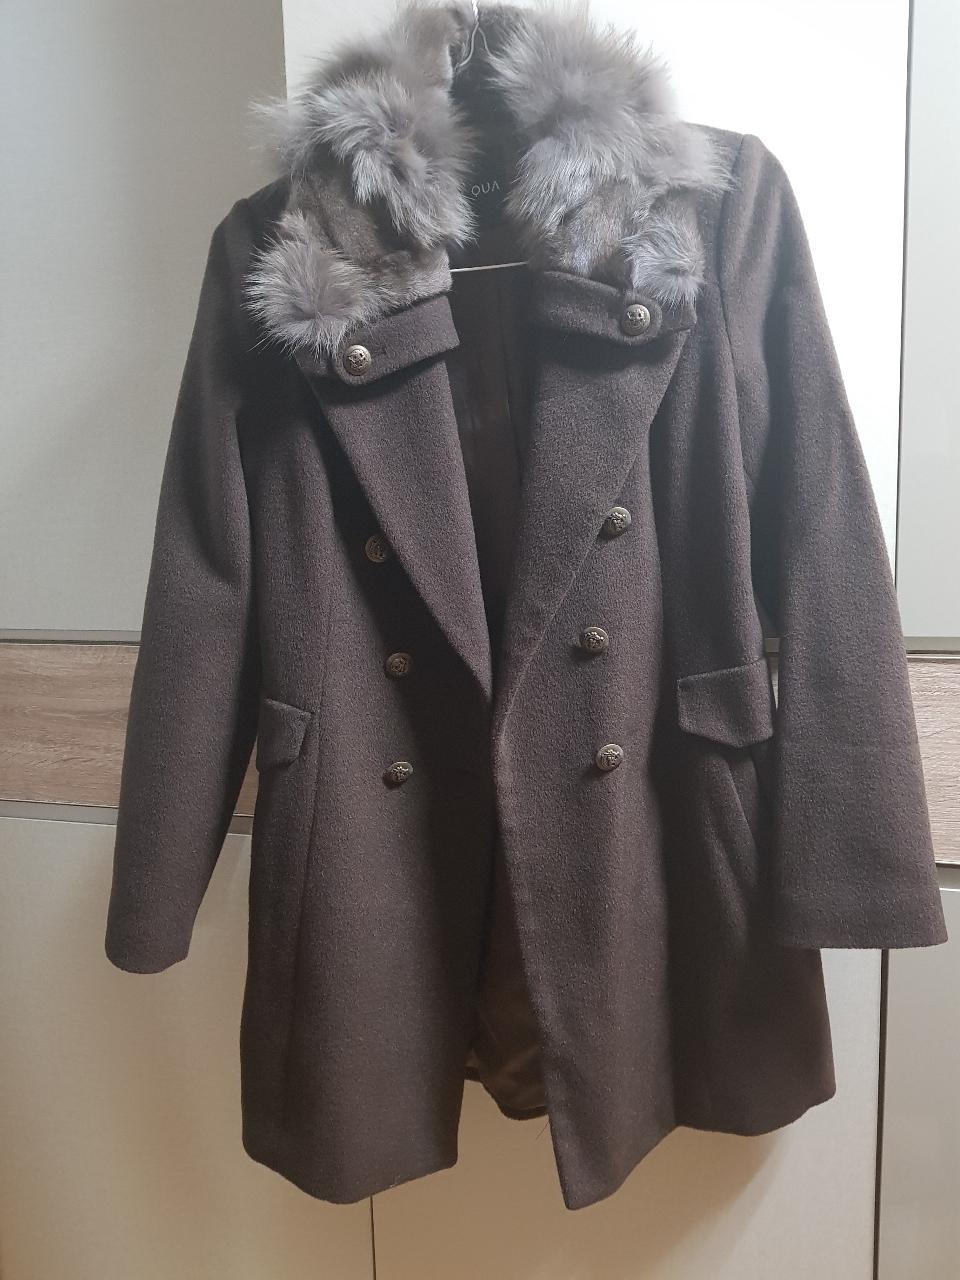 쿠아 코트